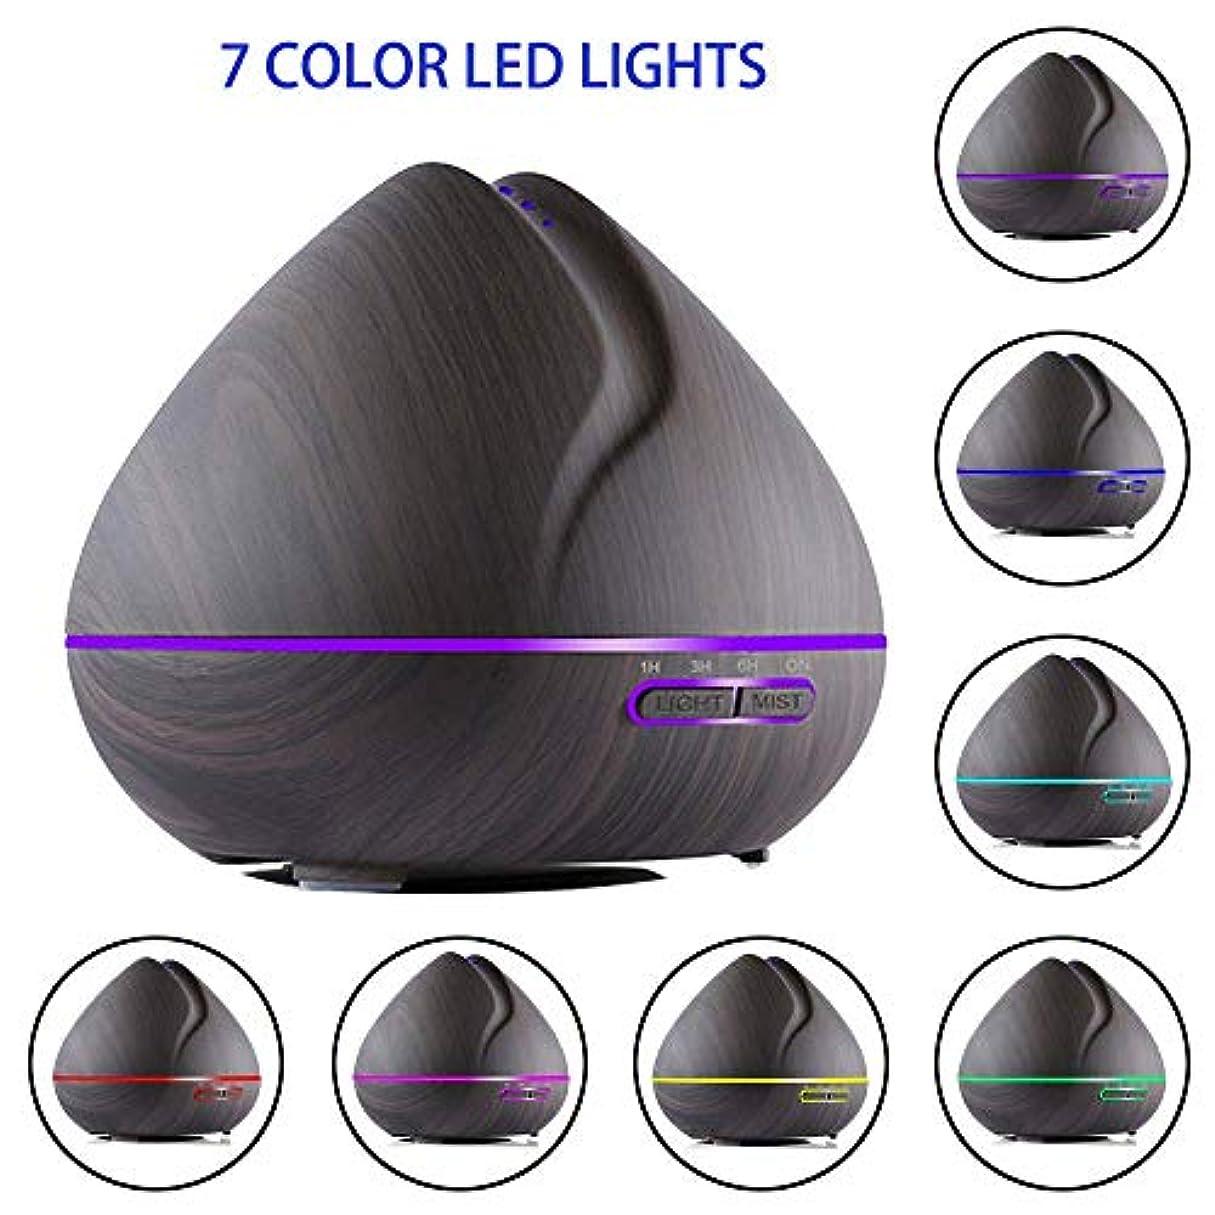 孤独失うタイピストアロマテラピーエッセンシャルオイルディフューザーウッドグレイン500ミリリットル超音波アロマクールミスト加湿器で7色ledライト/ウォーターレス自動シャットダウン/ 3タイマー設定